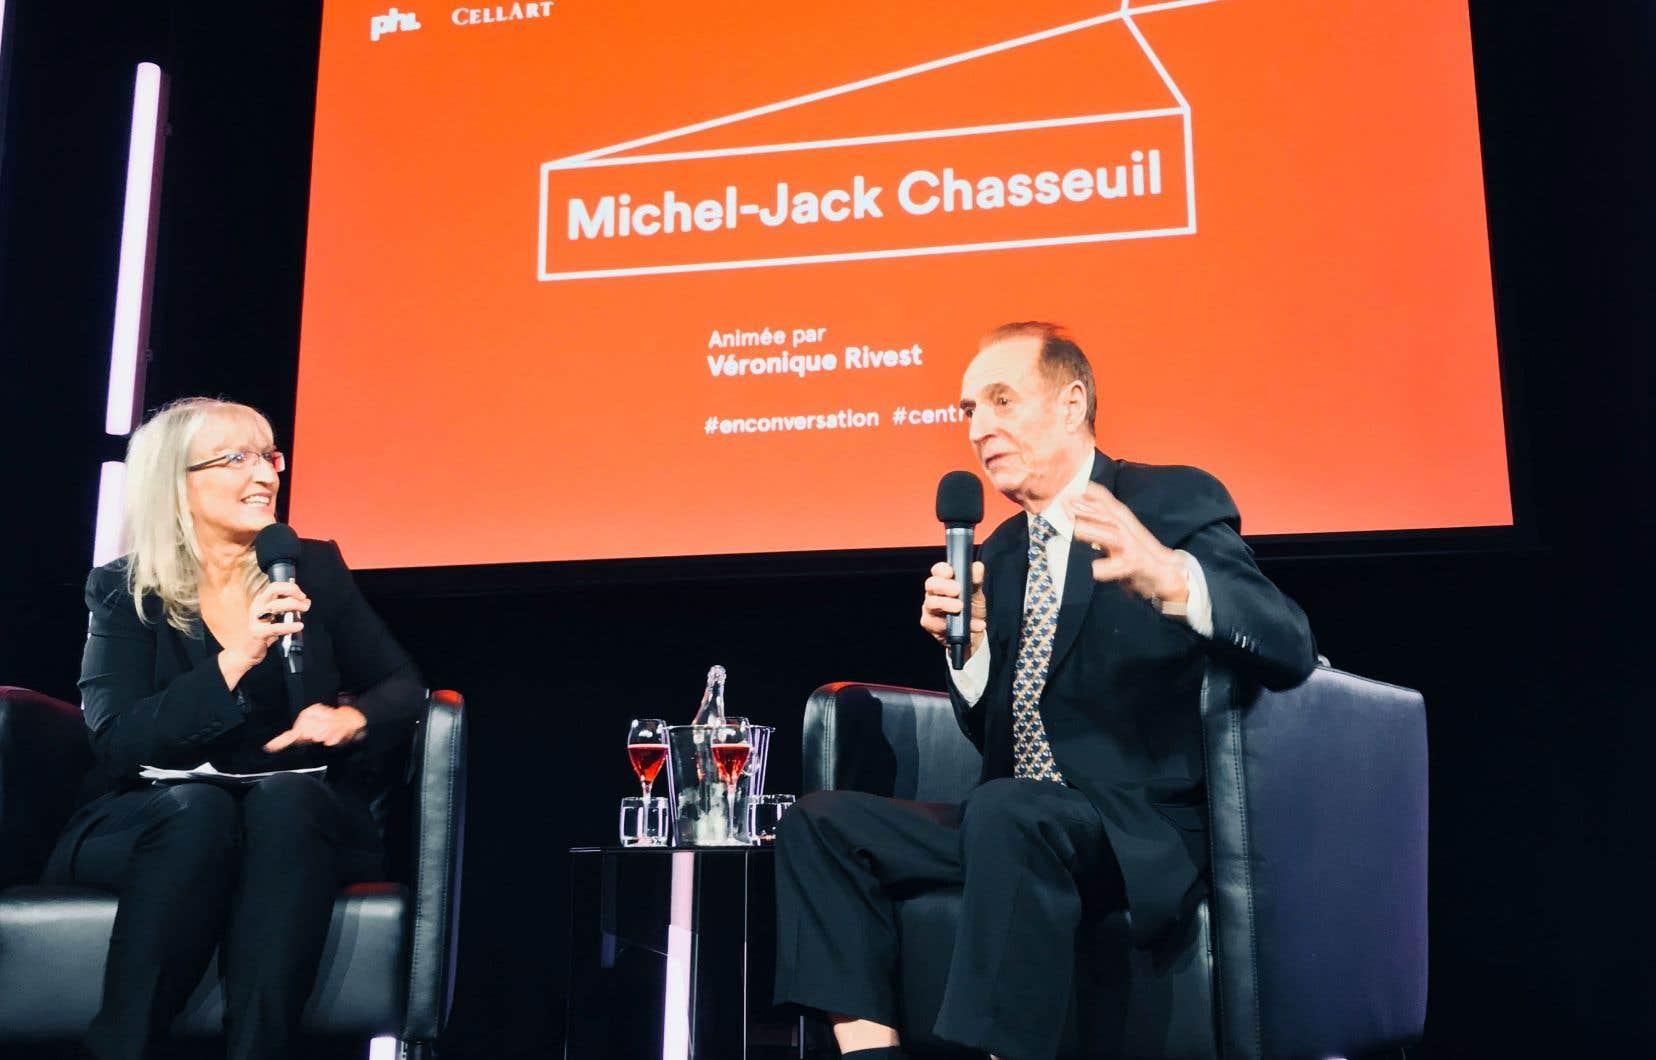 La sommelière Véronique Rivest encourageant Michel-Jack Chasseuil à déballer devant public les hauts et les bas de sa vie de collectionneur